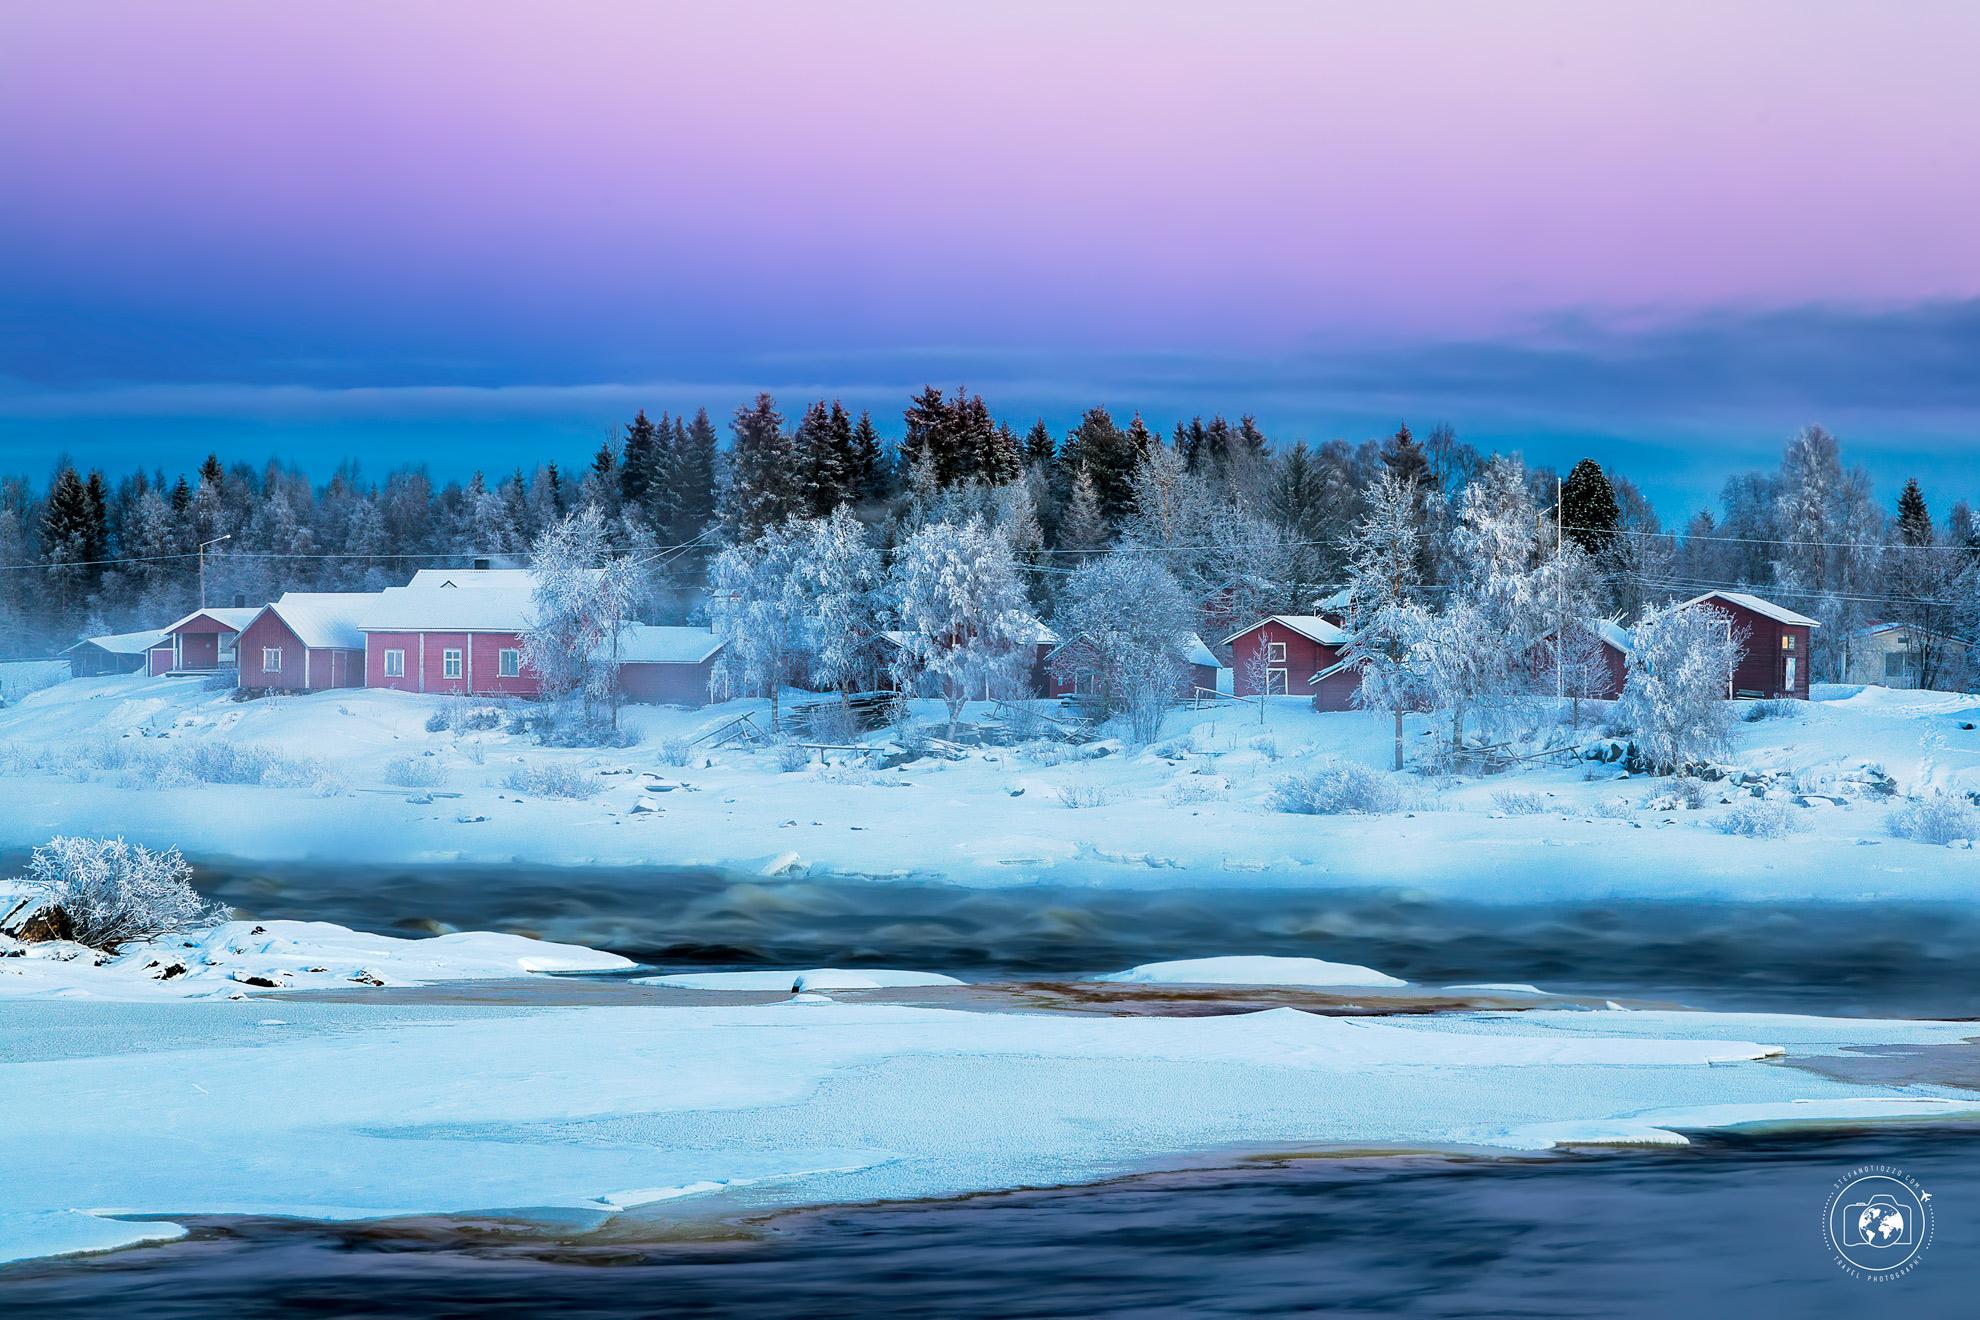 Fiume Tornio: il fiume che segna il confine tra Svezia e Finlandia